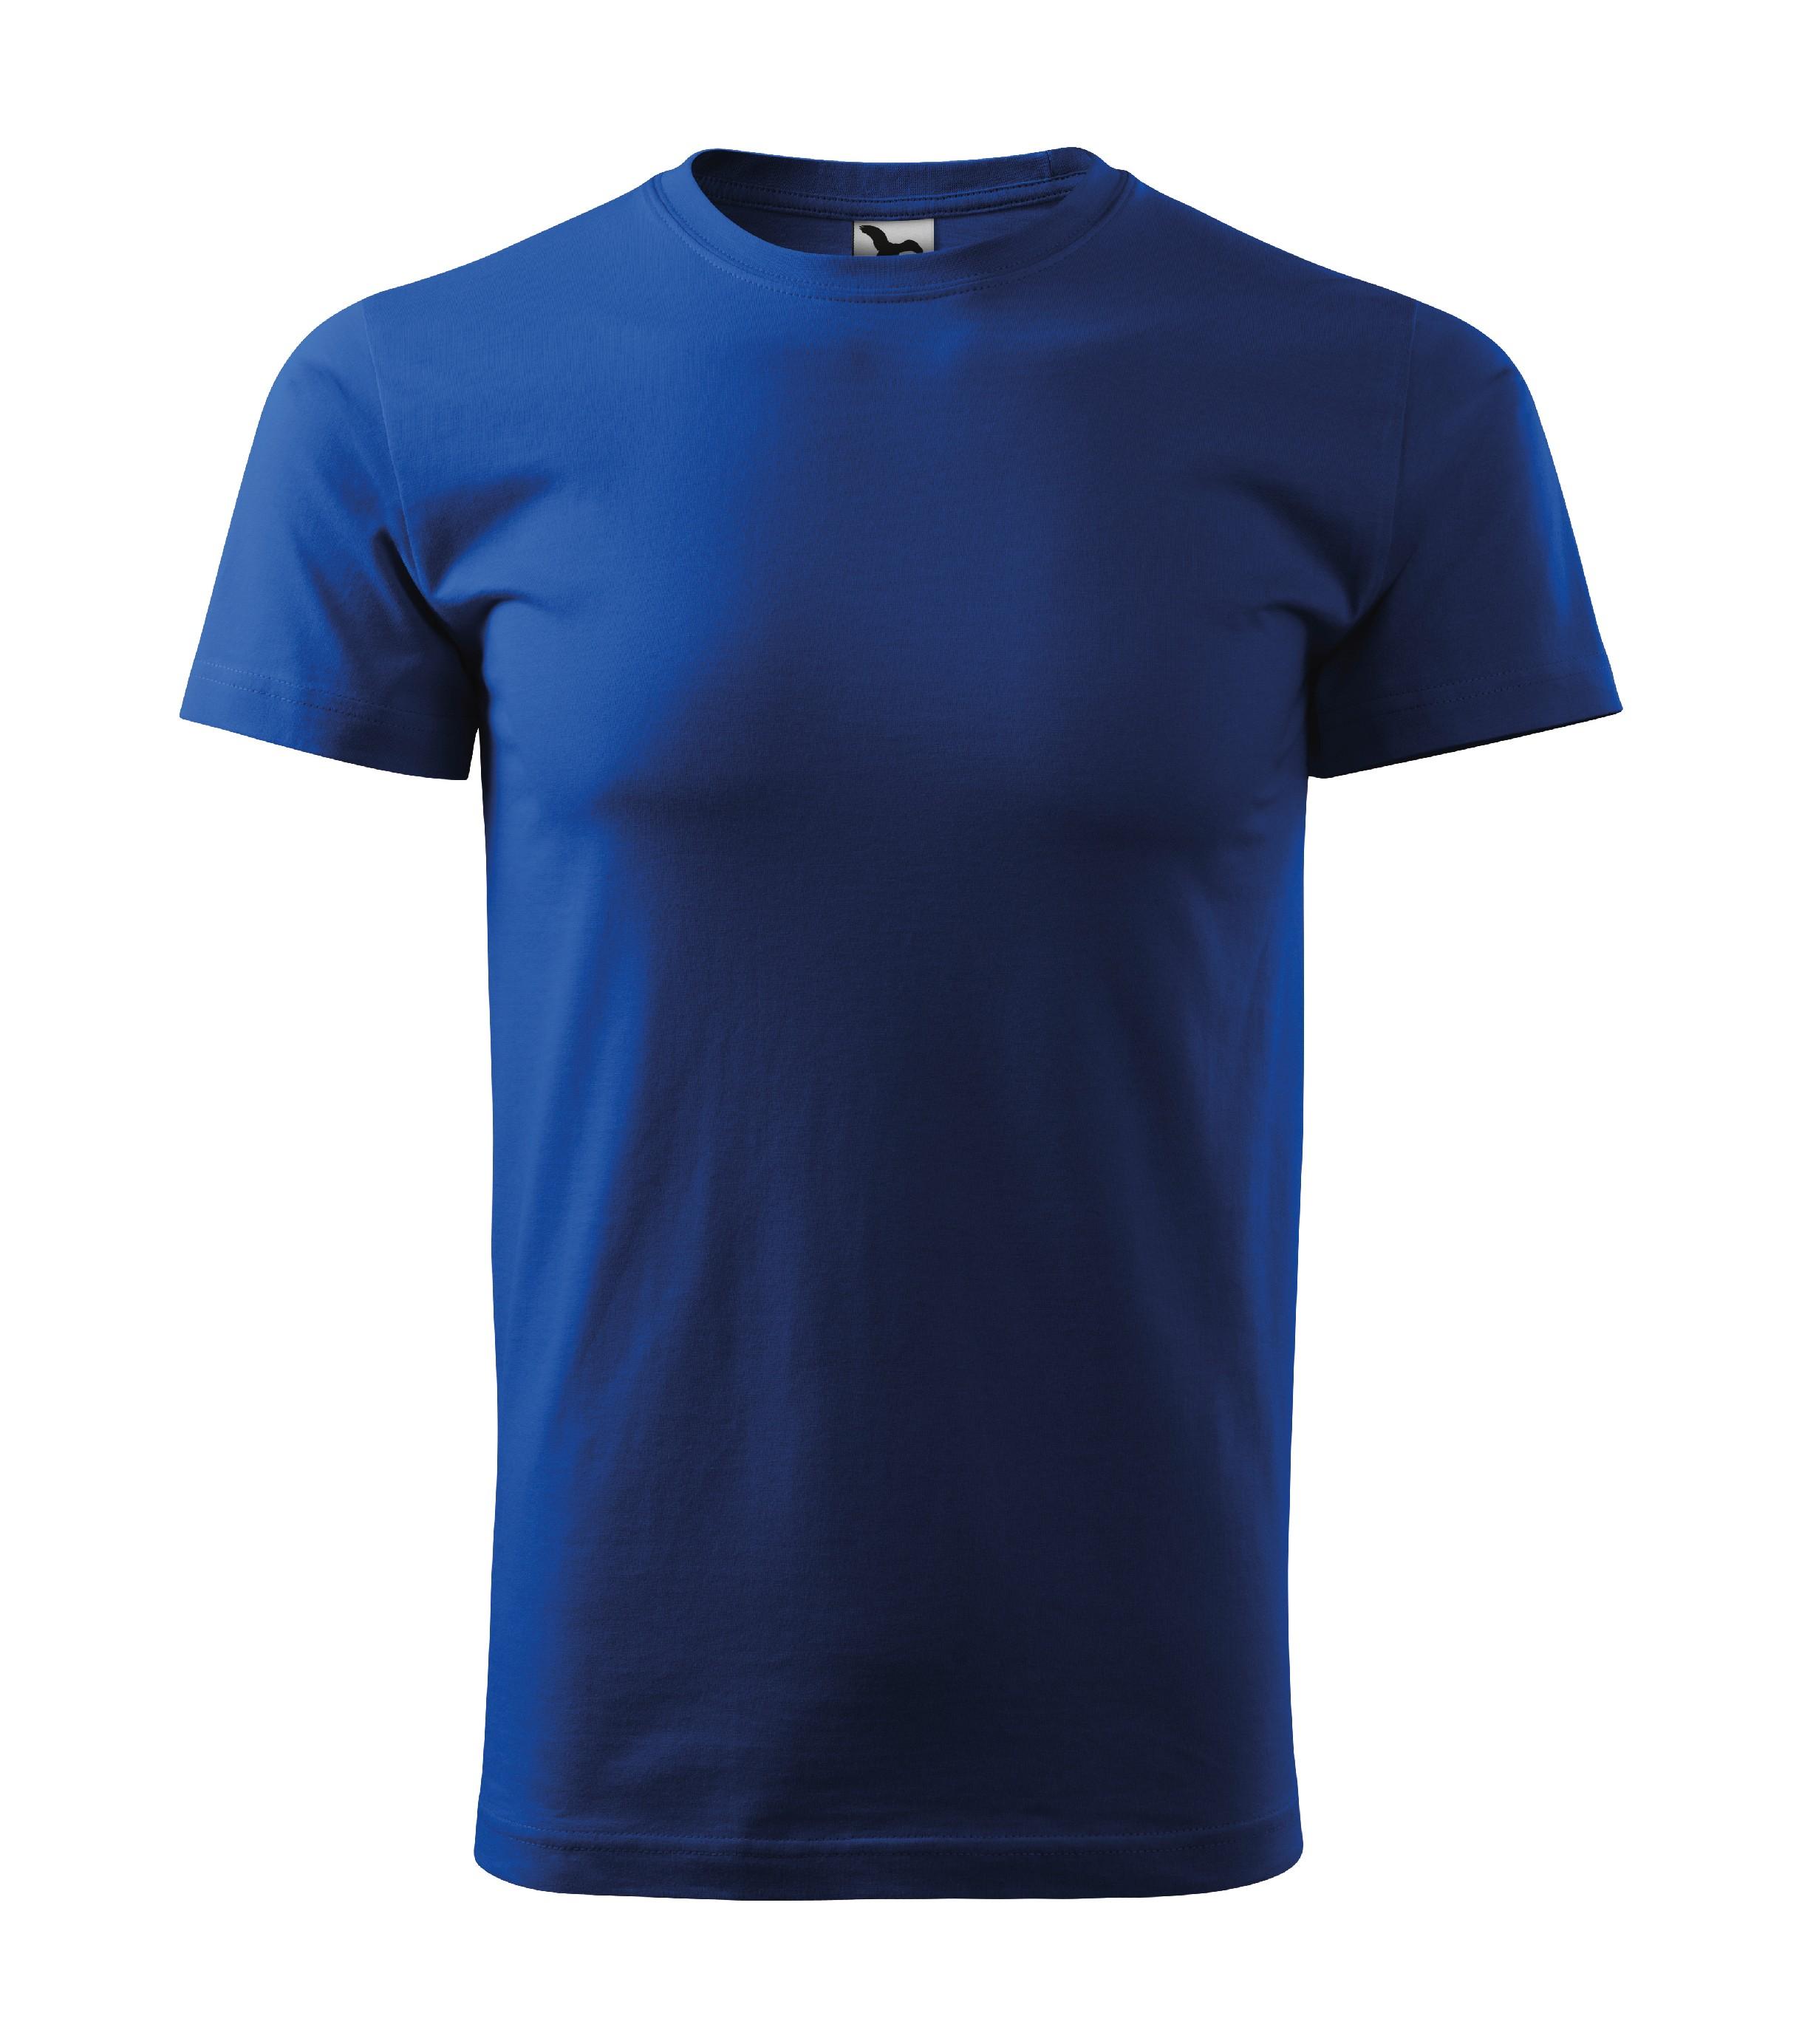 Tričko unisex Heavy New Barva: královská modrá, Velikost: L